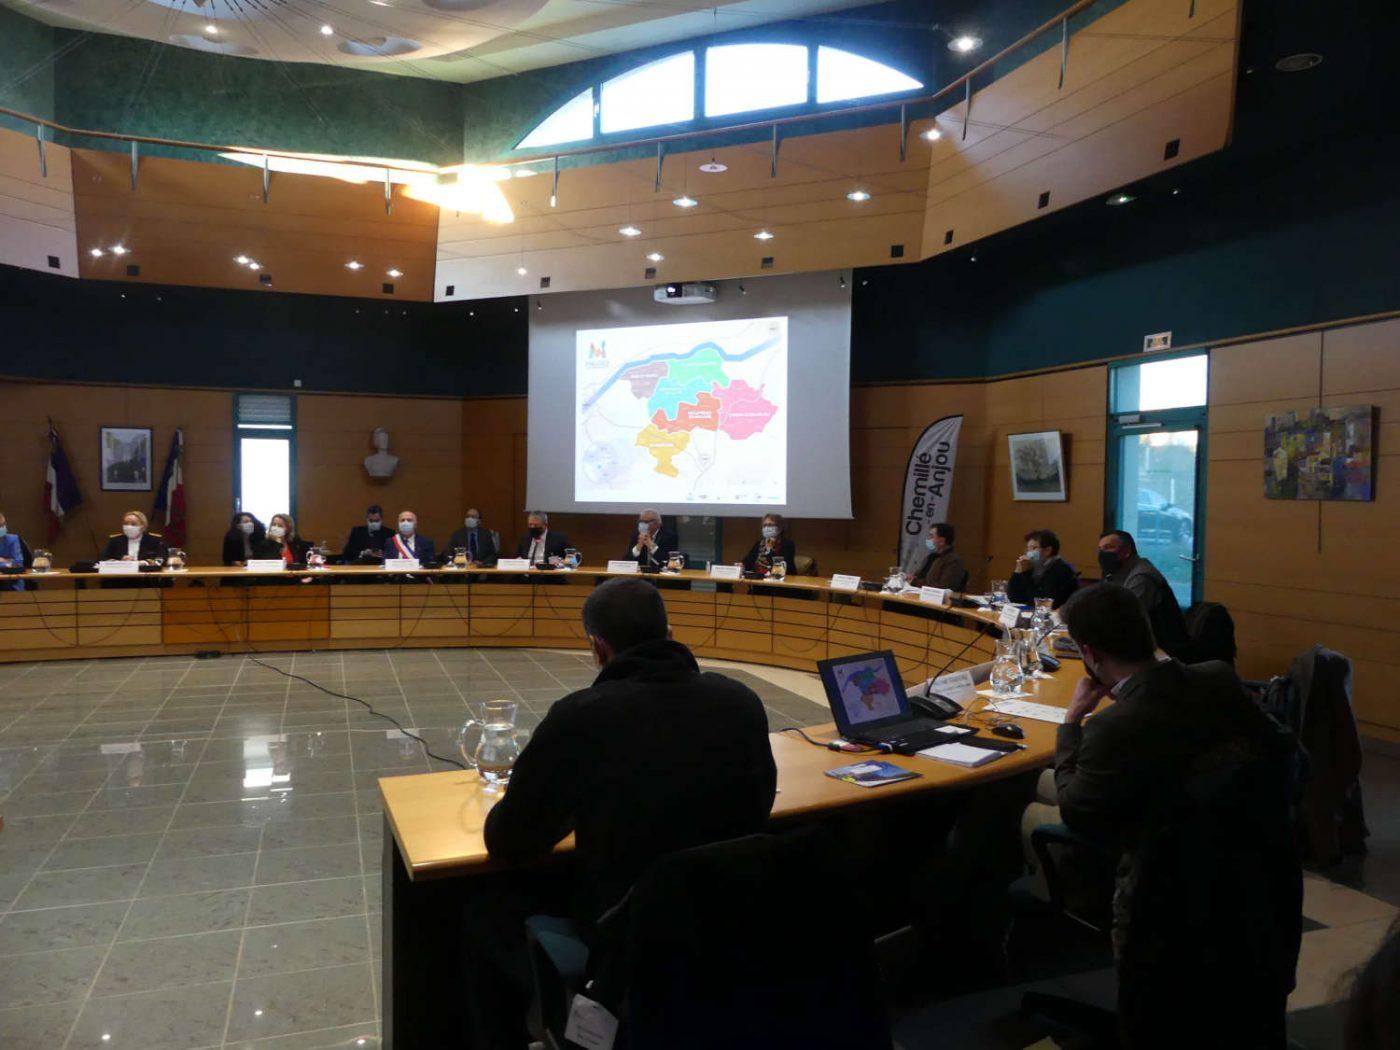 La ministre, les élus et les porteurs de projets EnR citoyens du département se retrouvent à la mairie de Chemillé-en-Anjou pour une heure d'échanges et retours d'expériences.